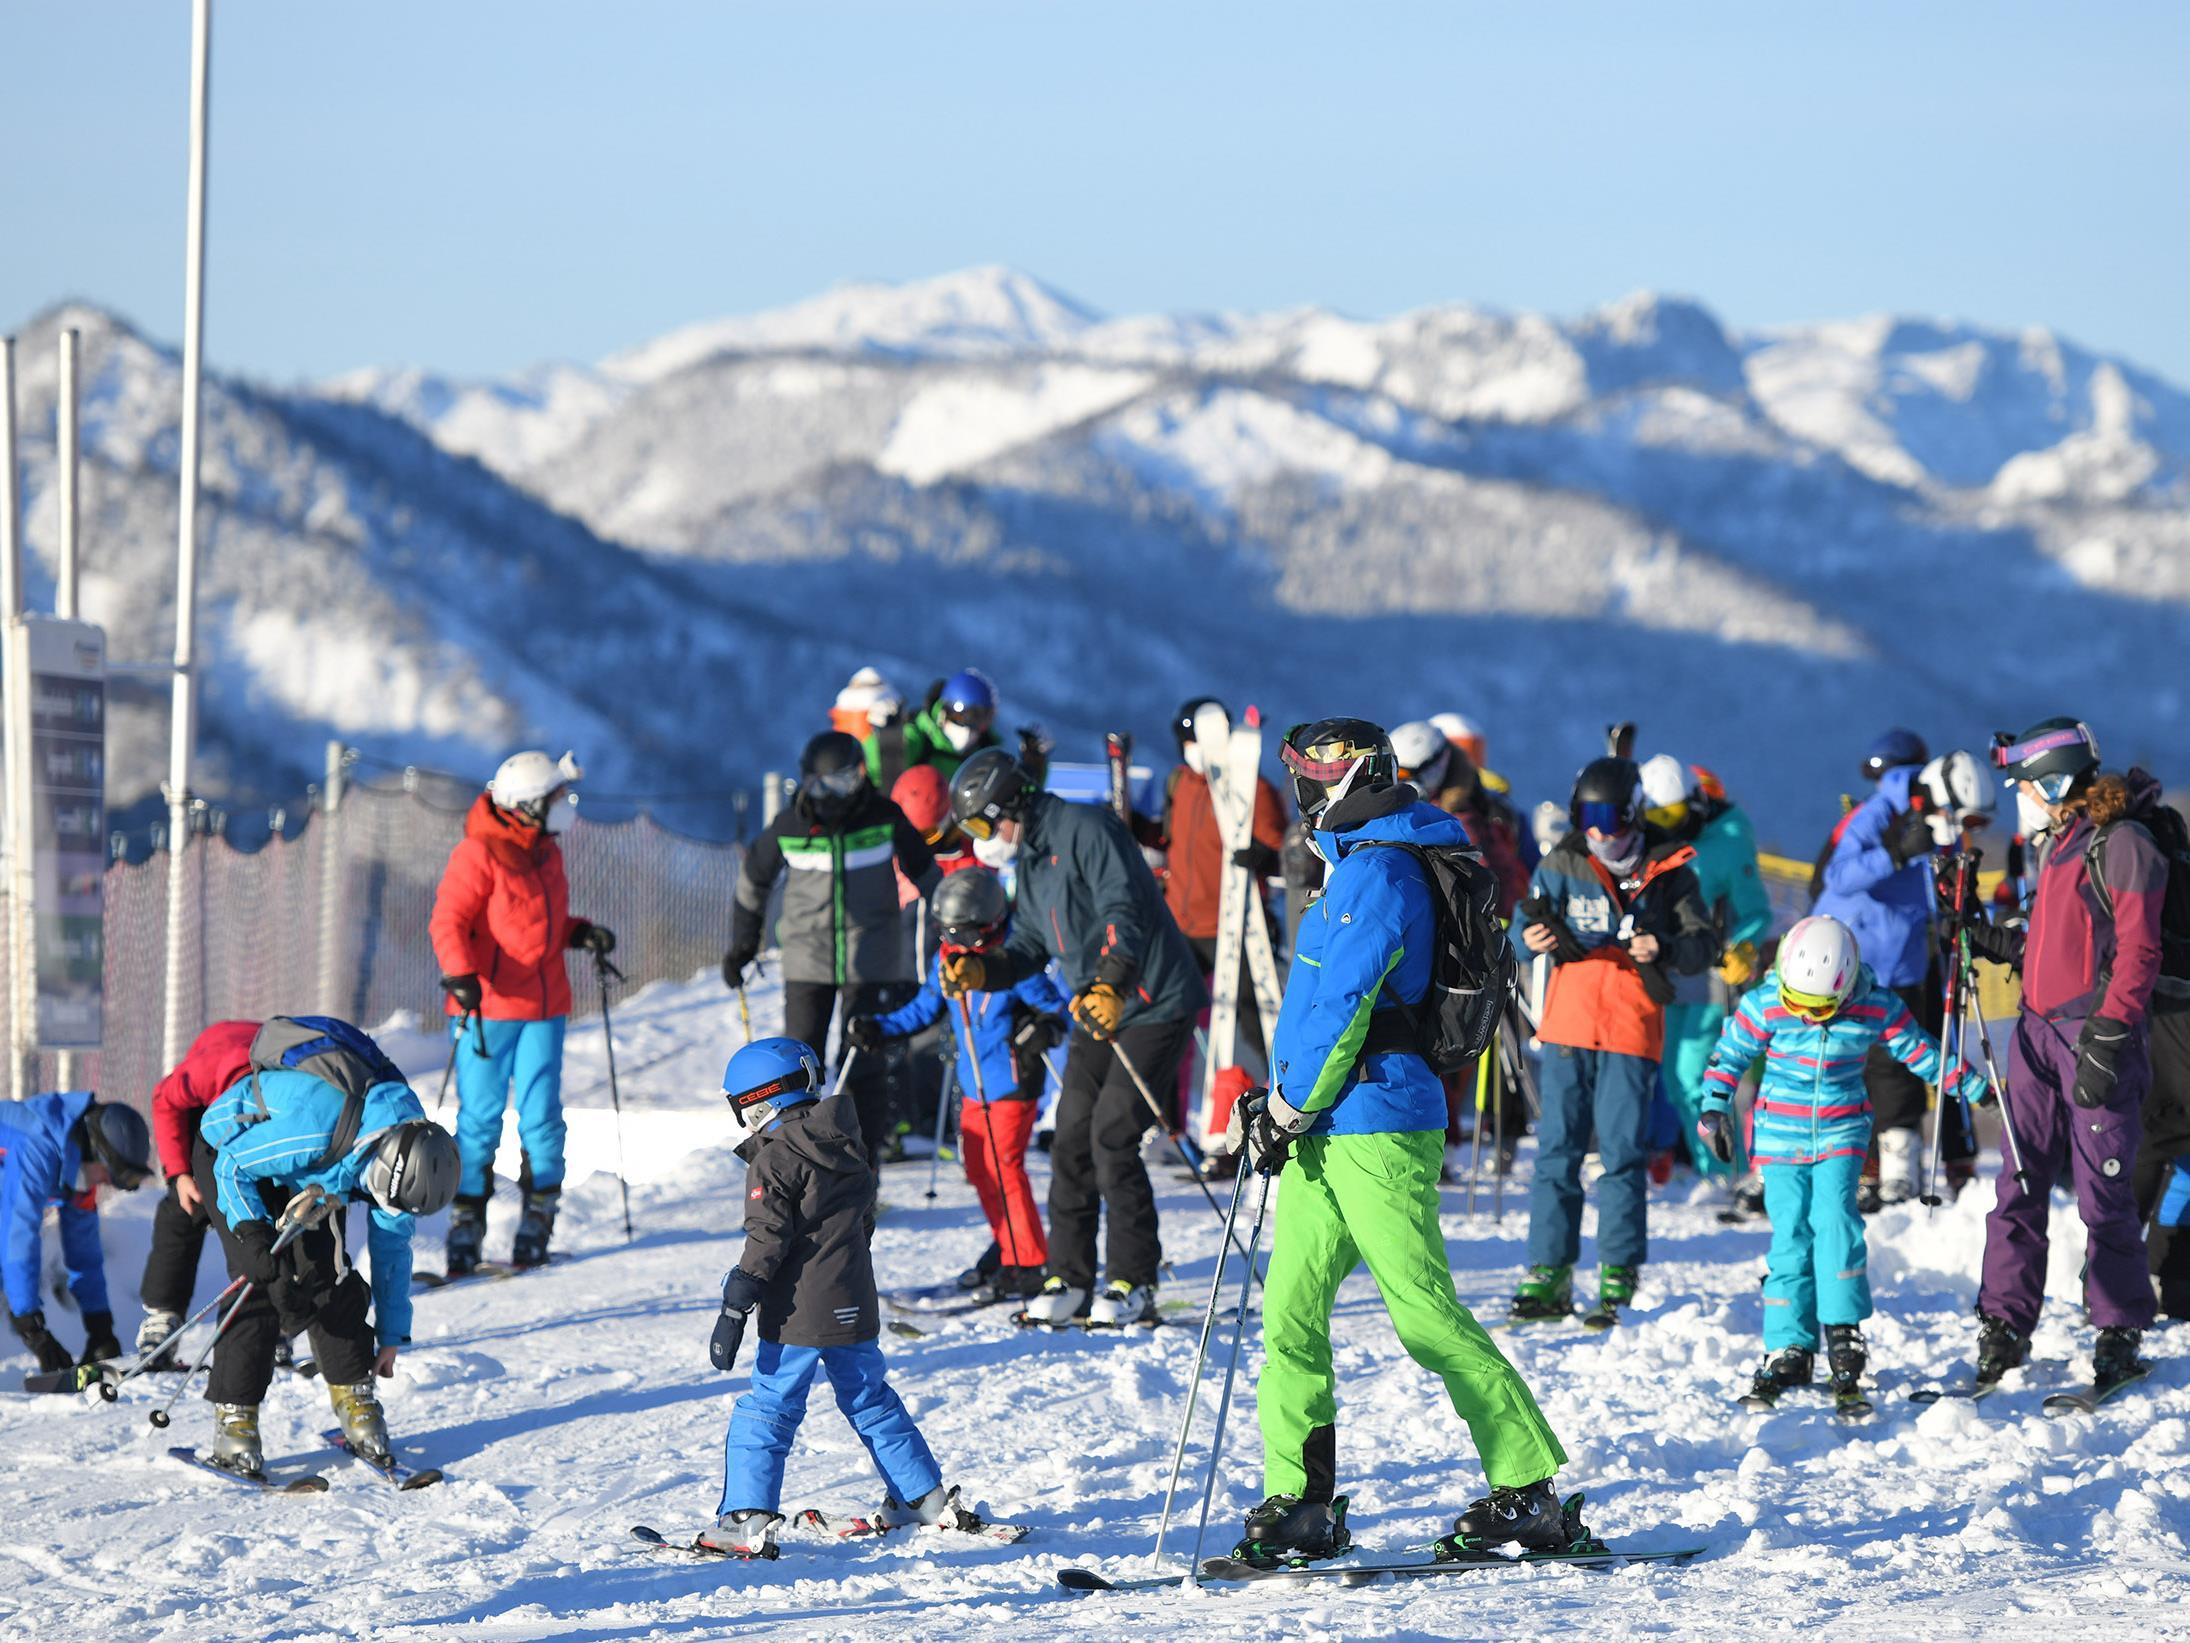 Skigebiete klagen über die geringe Auslastung.